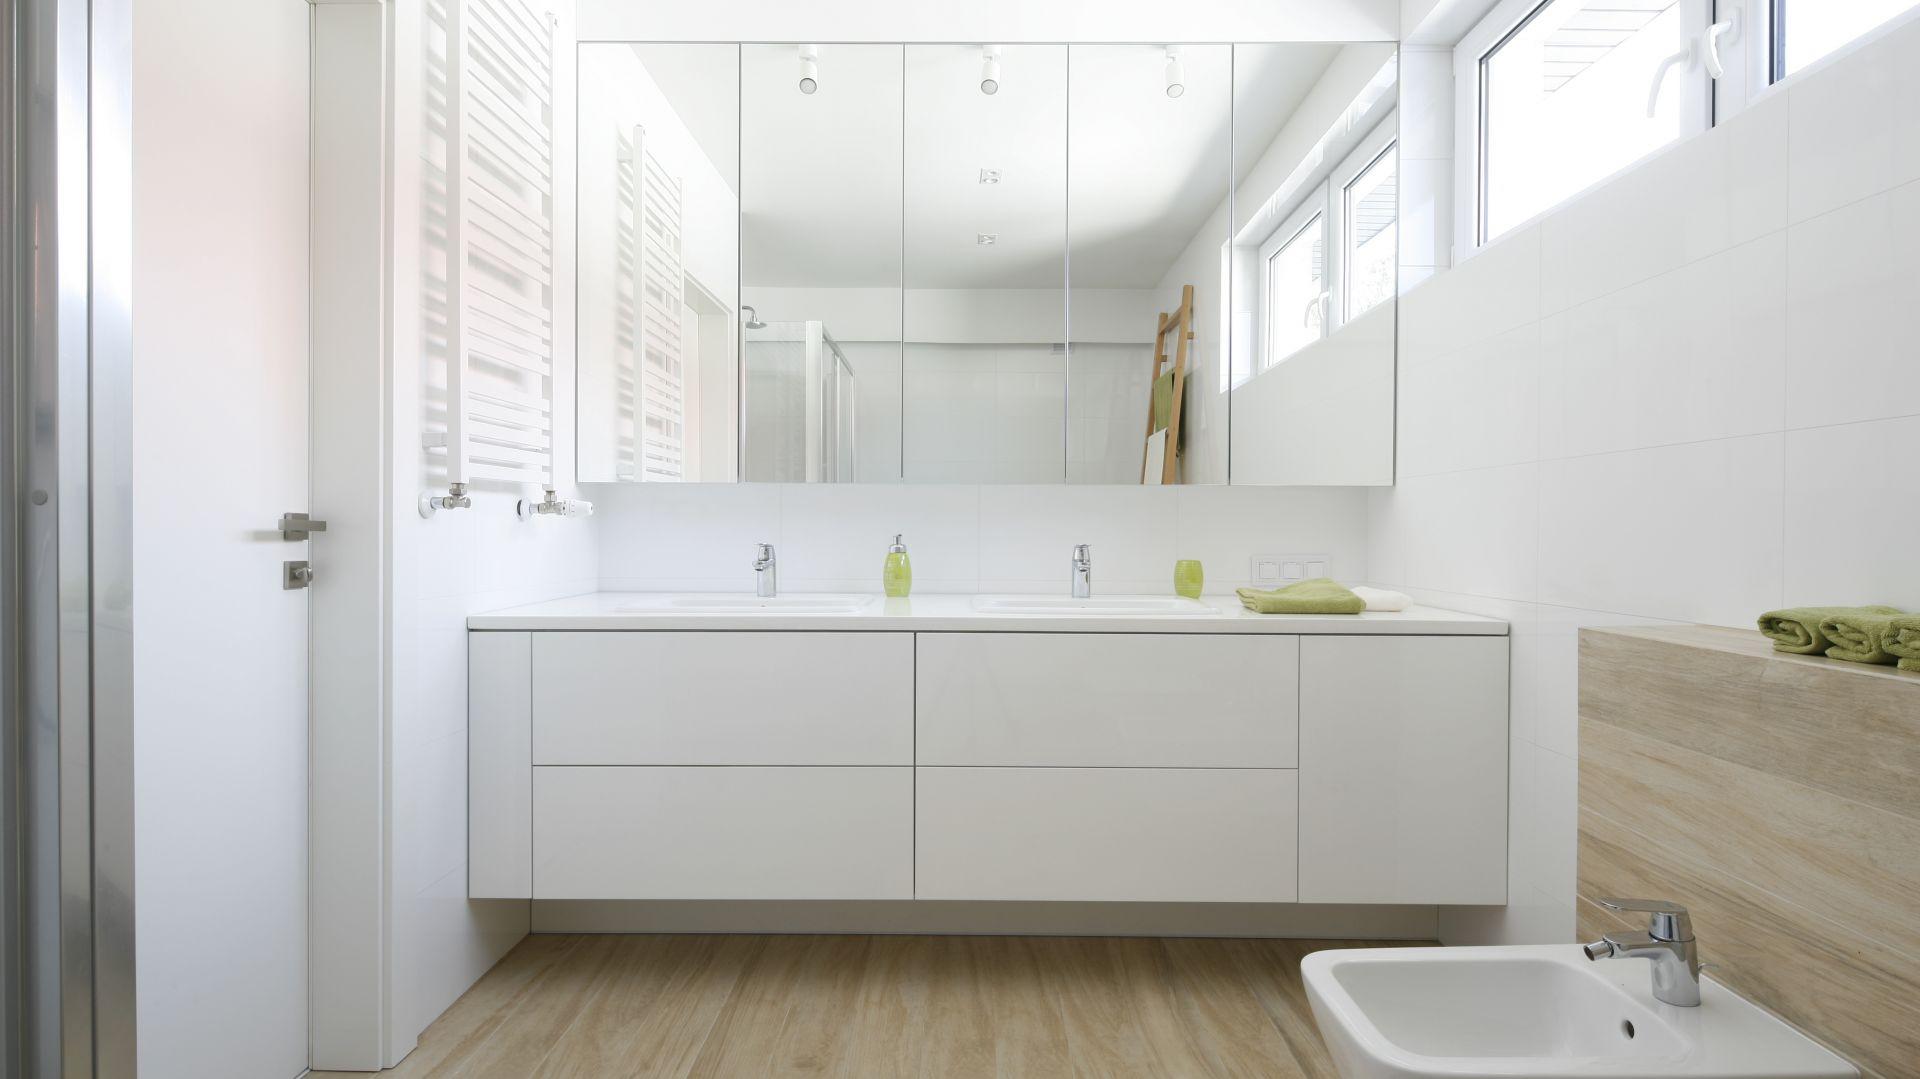 Aranżacja łazienki ze strefą umywalki dla dwojga. Proj. Joanna Ochota. Fot. Bartosz Jarosz